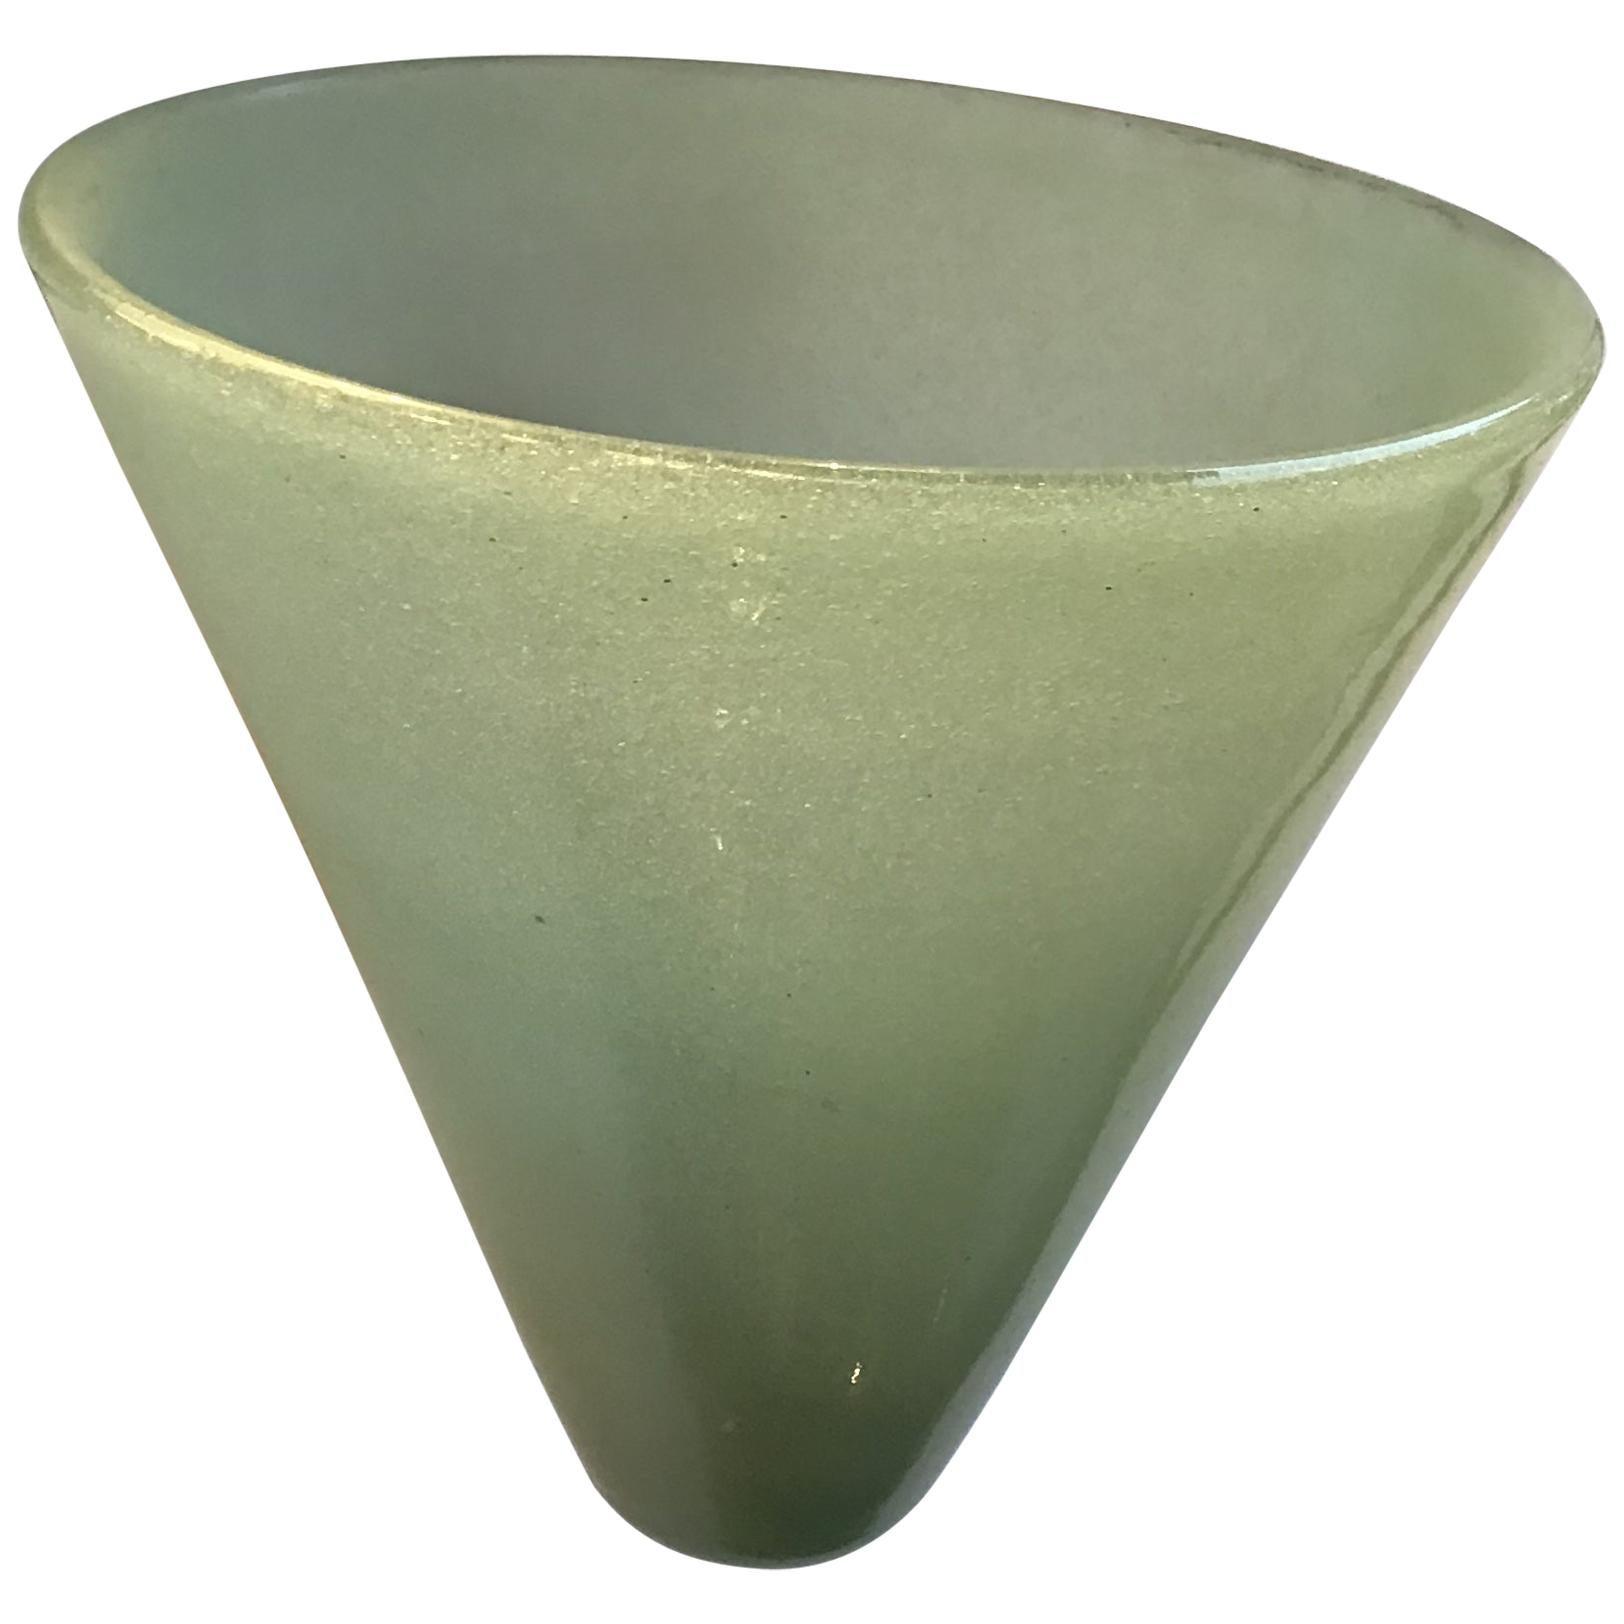 Venini Carlo Scarpa Sconce Murano Glass Copper-Plated Brass, 1930, Italy